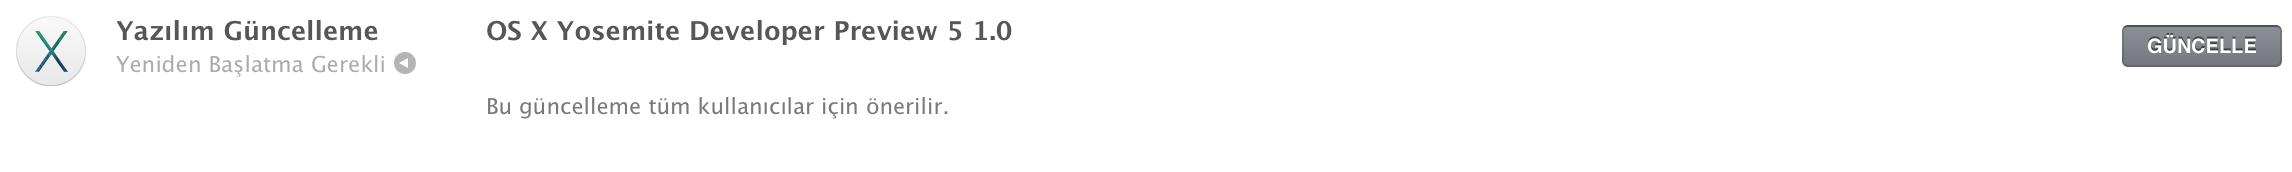 Ekran Resmi 2014-08-04 20.09.06